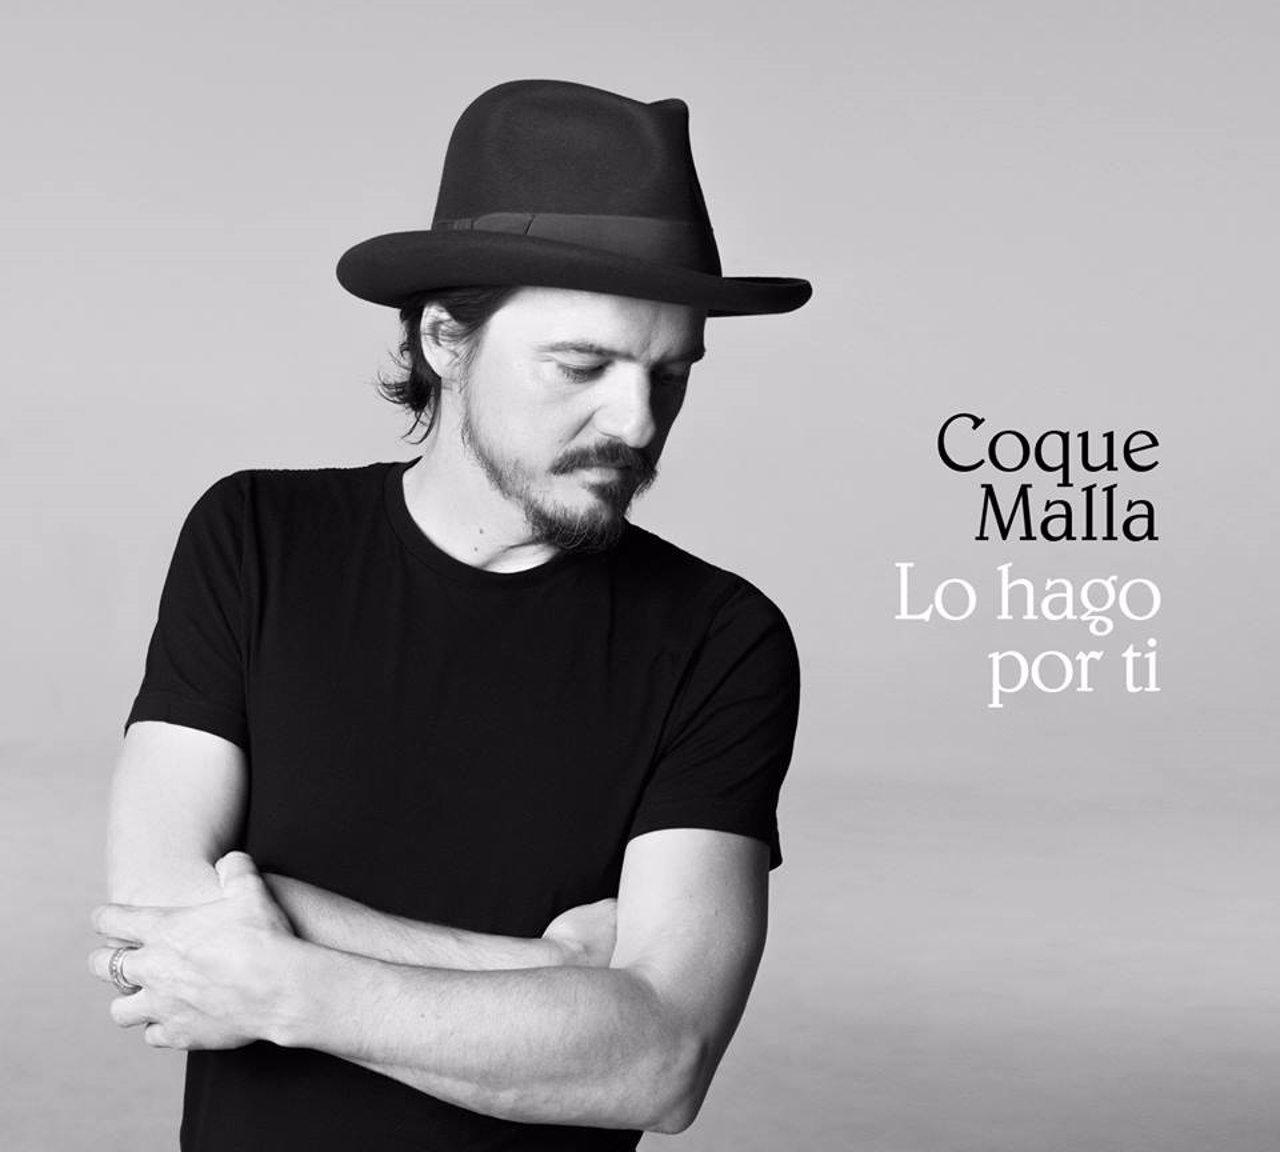 coque malla: